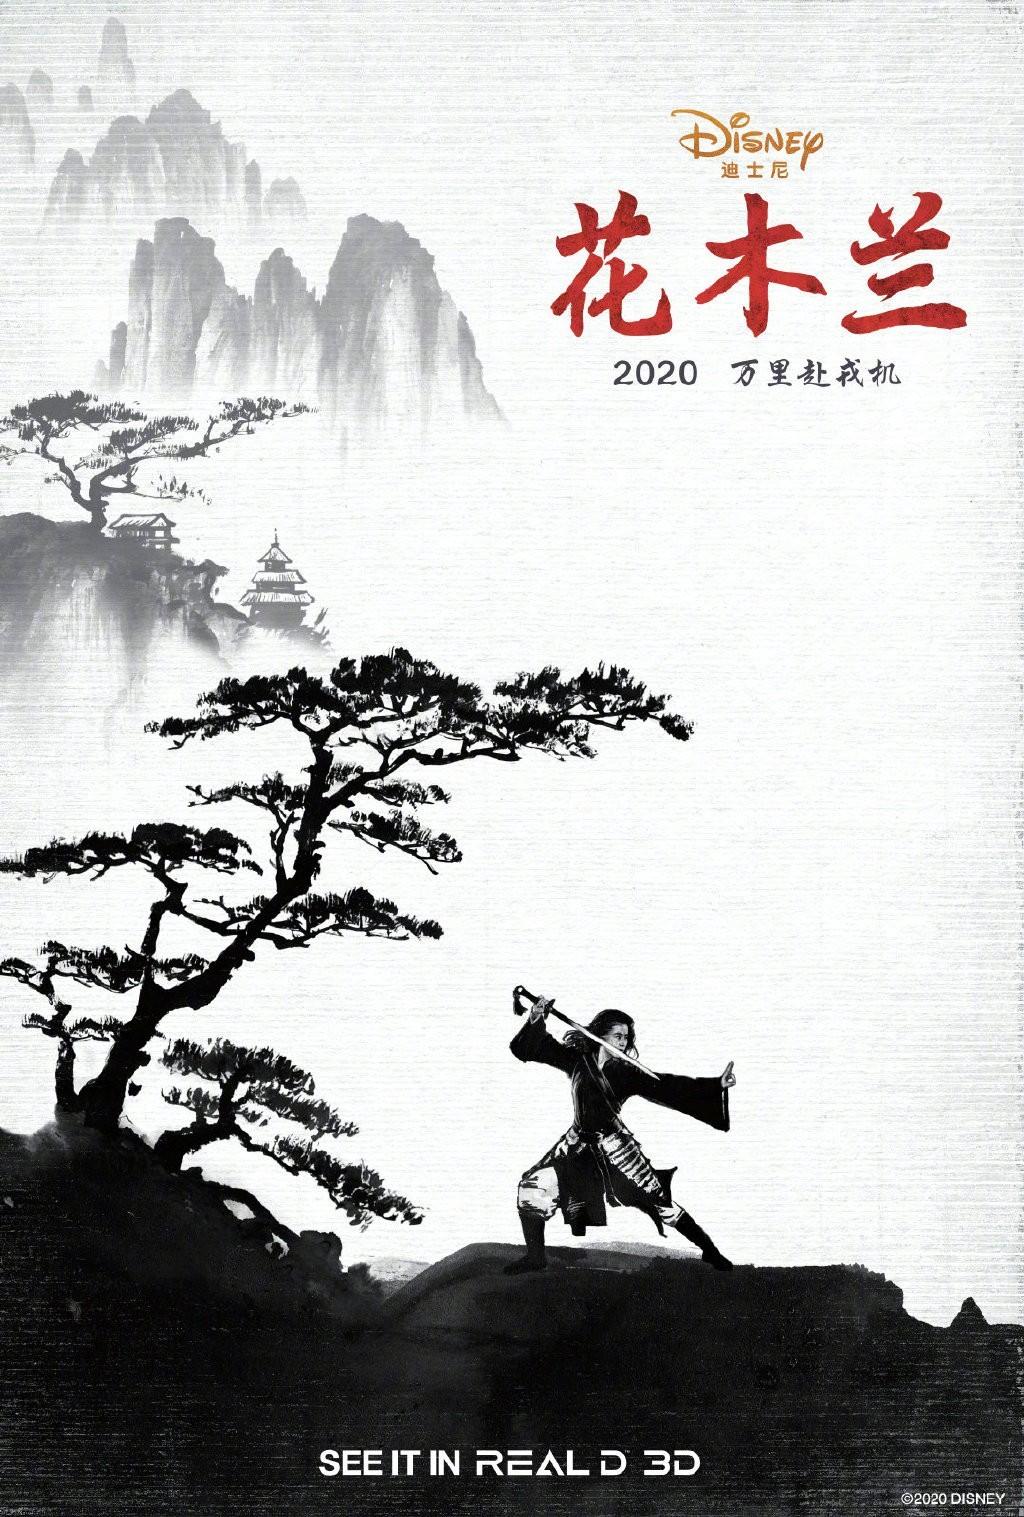 【博狗新闻】刘亦菲版《花木兰》海报出炉,刘亦菲英姿飒爽画面唯美